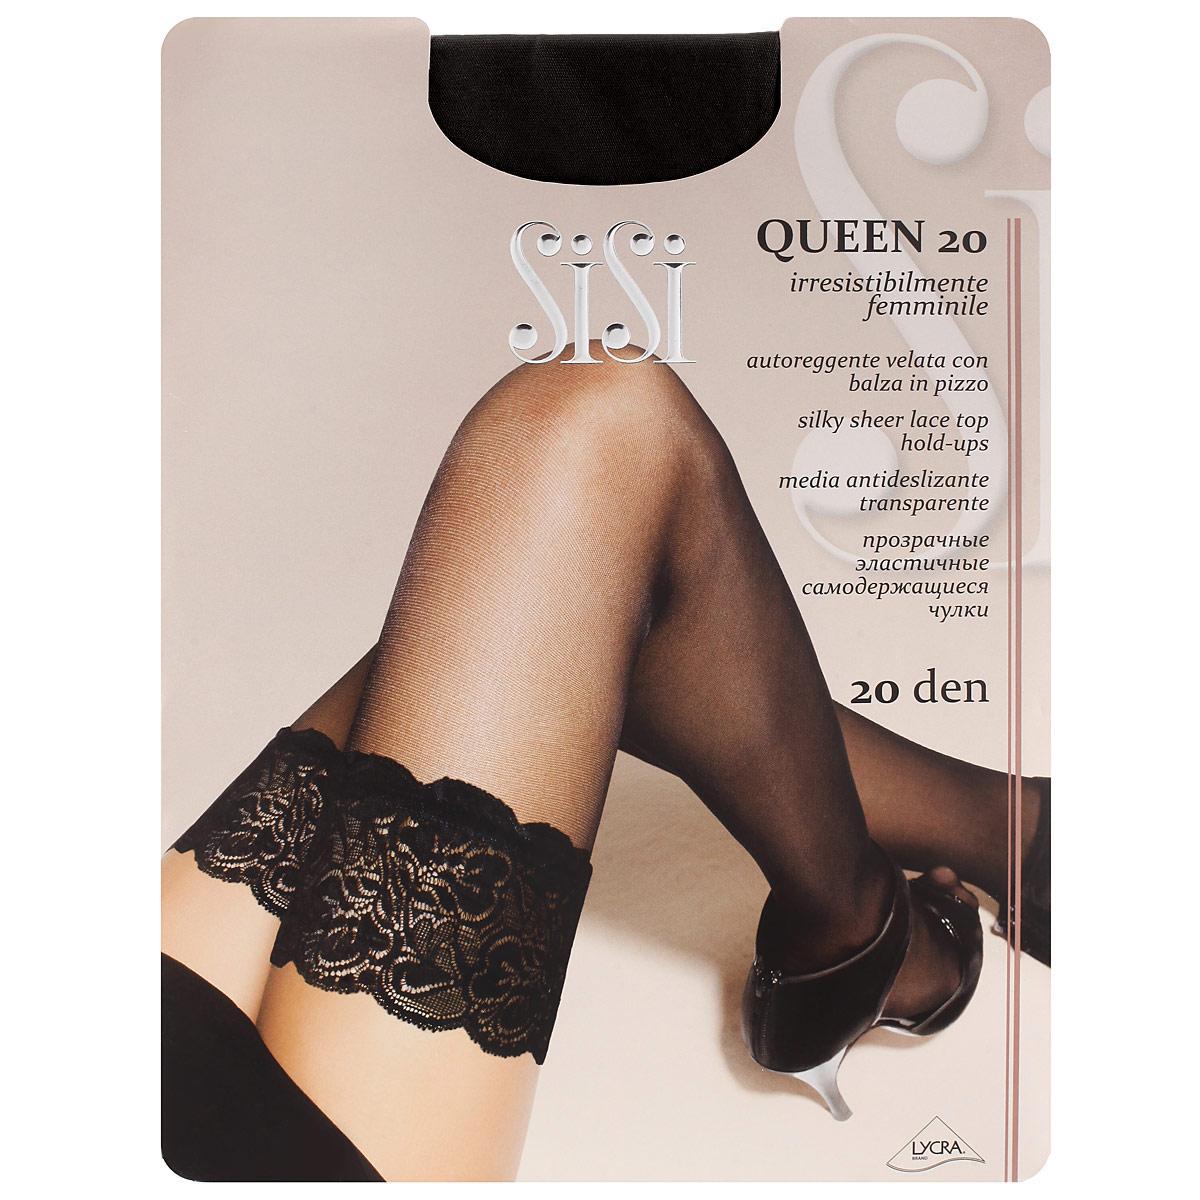 Чулки женские Sisi Queen 20, цвет: черный. SSP-001827. Размер 2Queen 20_NeroТонкие прозрачные чулки Sisi Queen 20 с фиксирующей резинкой на силиконовой основе и незаметным усиленным носком.